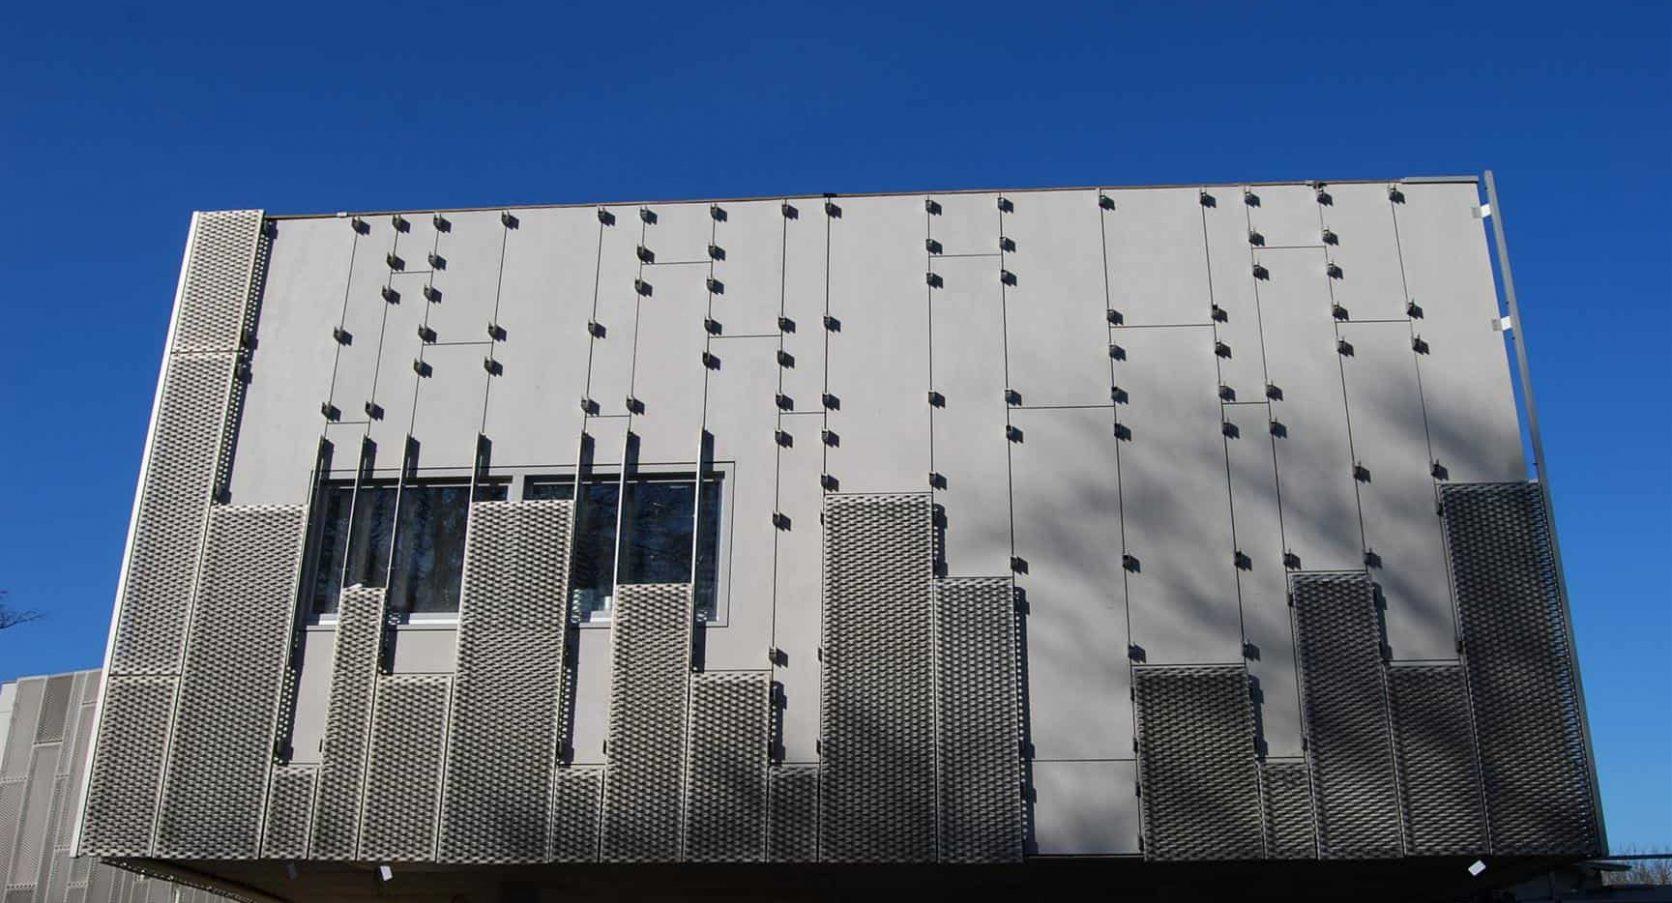 Zijaanzicht van de strekmetalen gevelbekleding van de Nieuwe Ooster in Amsterdam